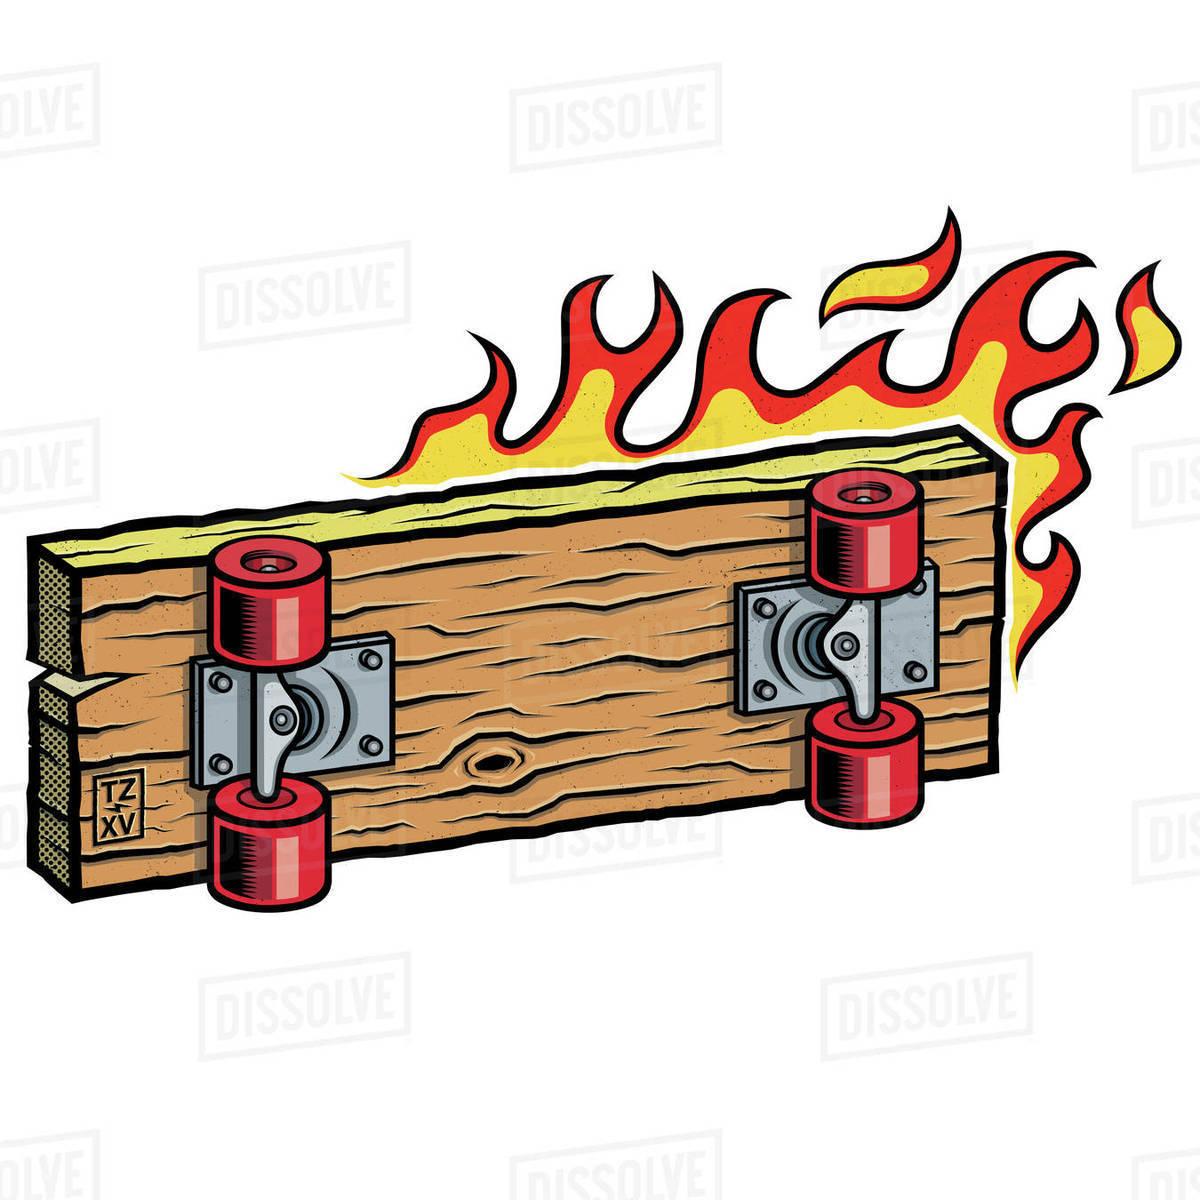 Illustration of skateboard burning against white background Royalty-free stock photo